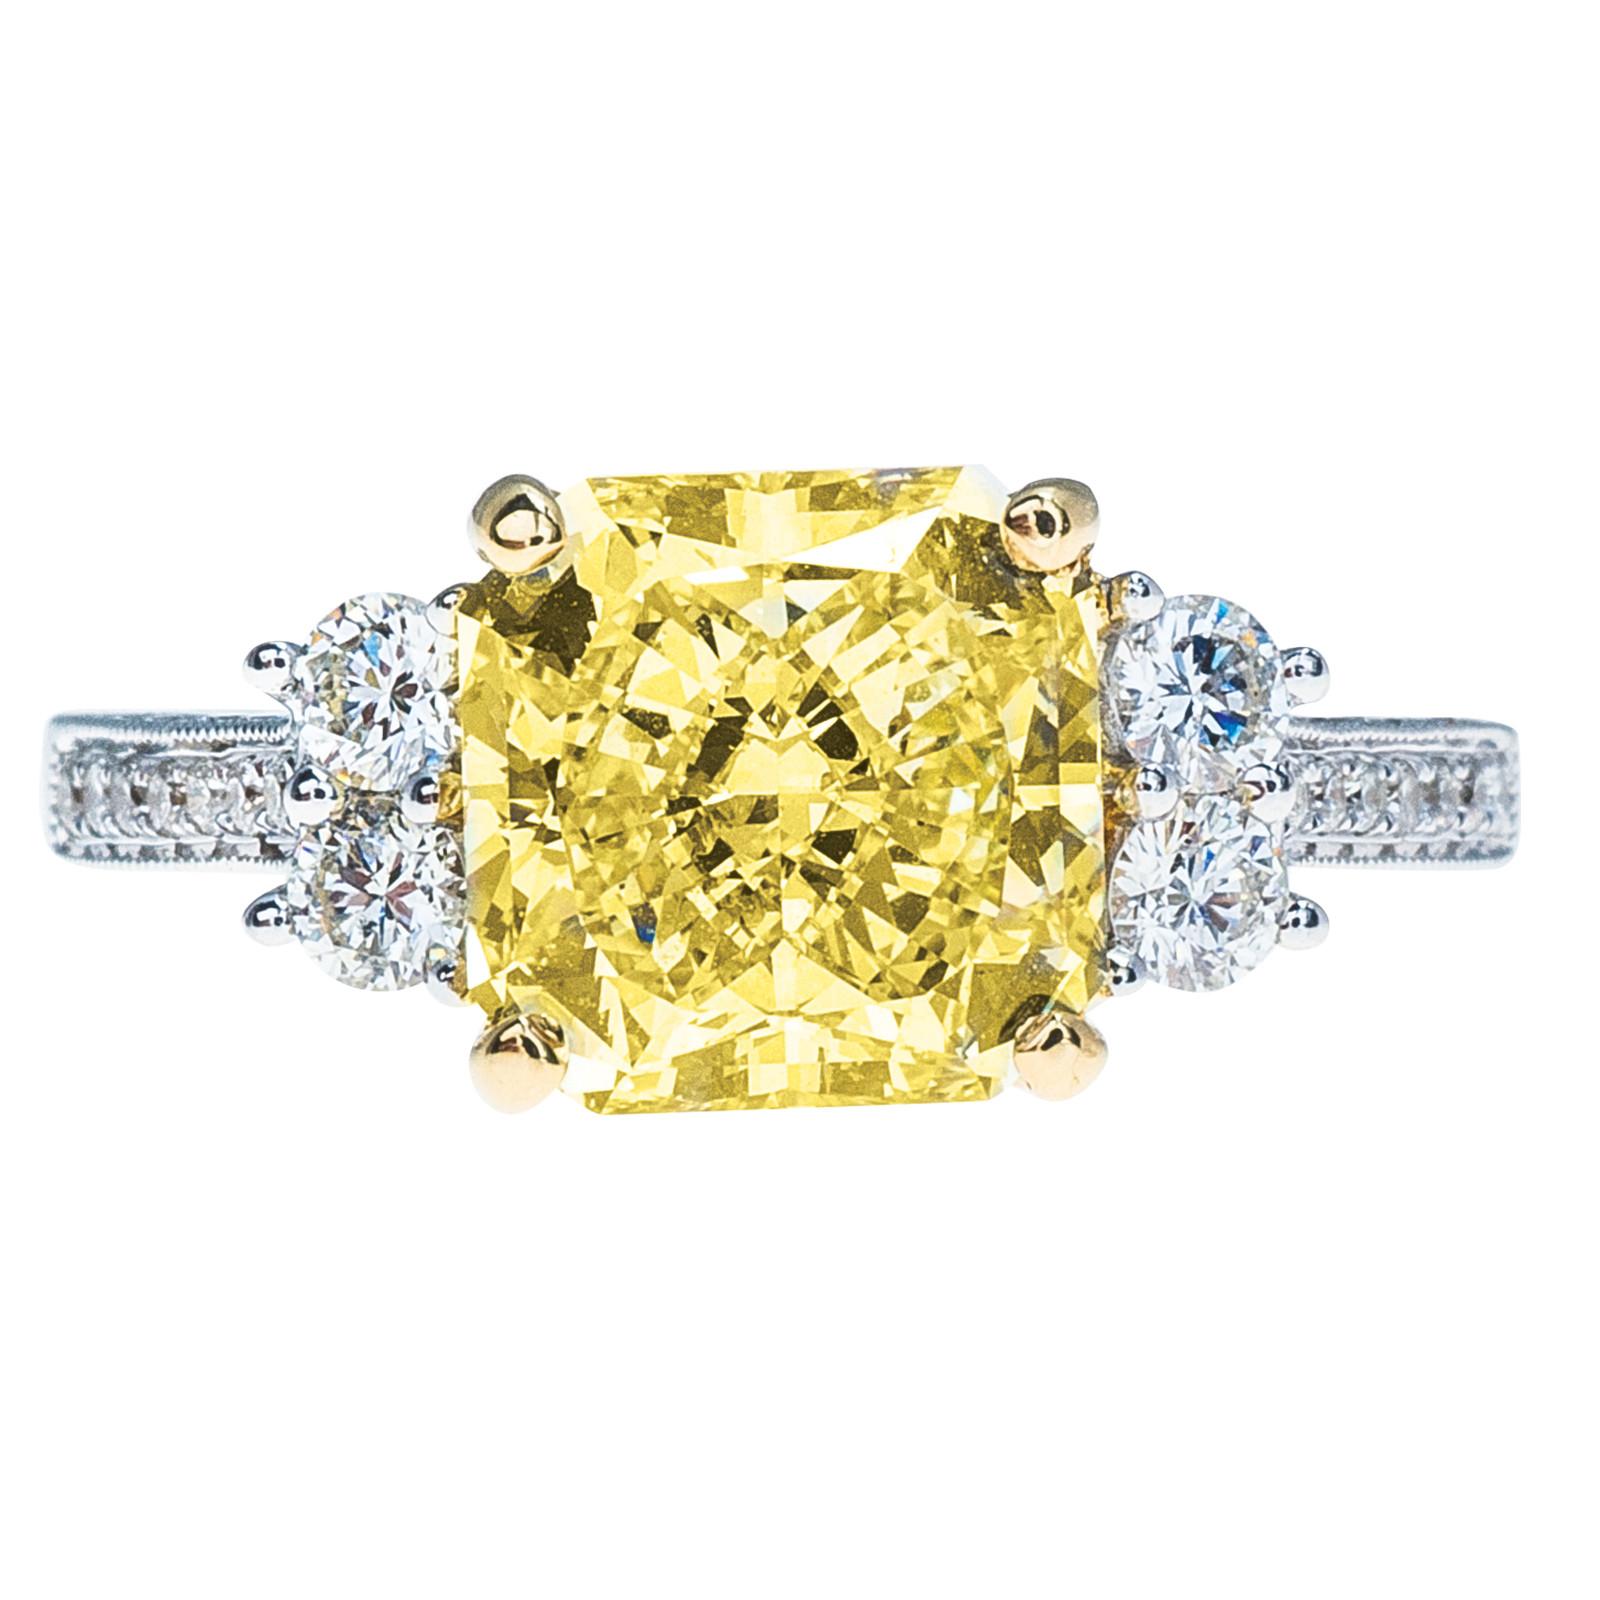 New 3.73 CTW Yellow & White Diamond Engagement Ring